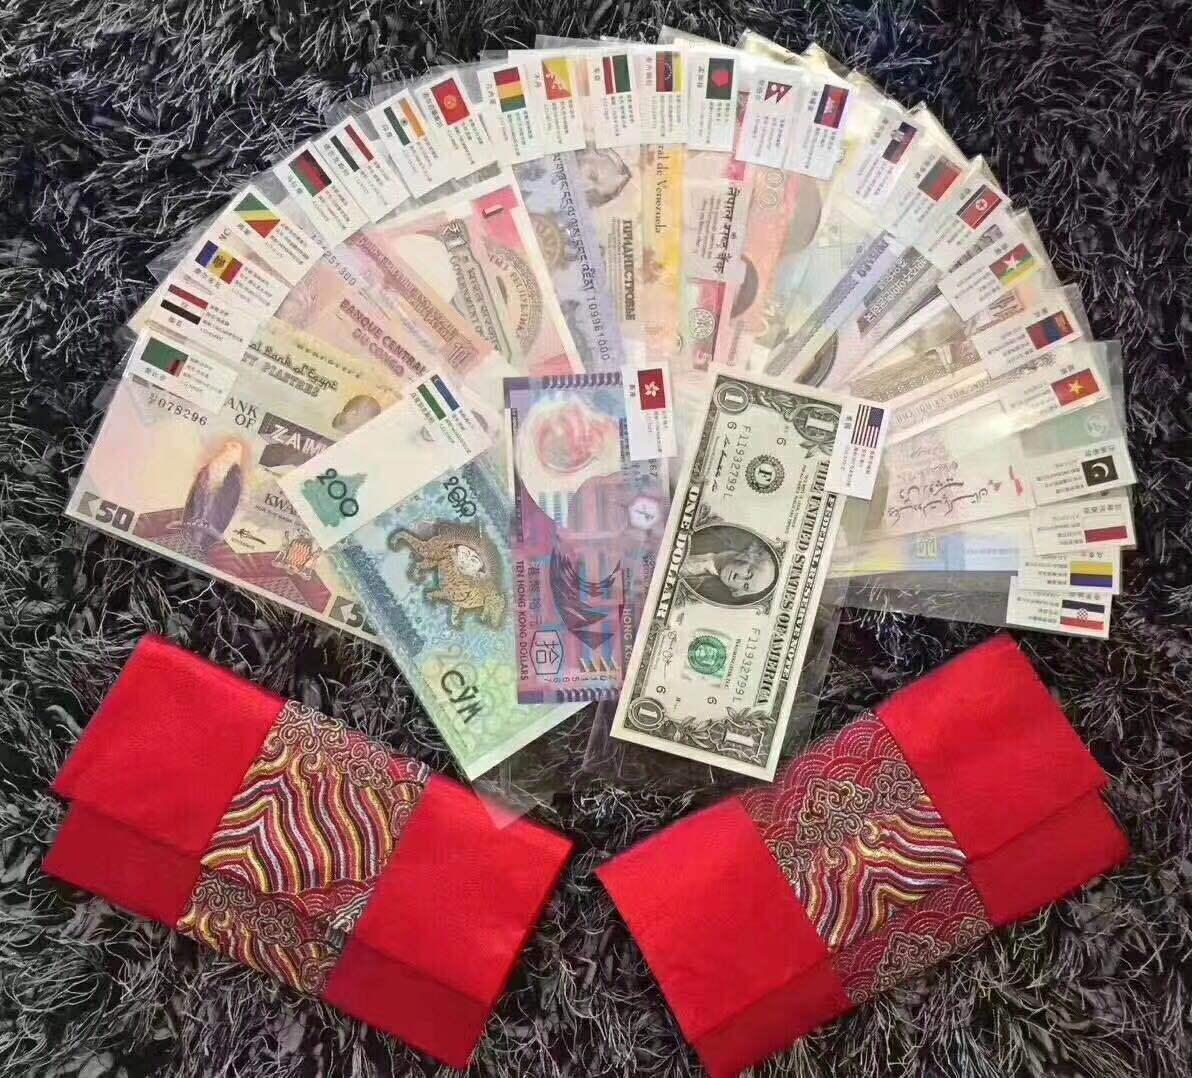 【豪华外币 非流通】外国红包袋52张新钱 纪念币大全套真钞 收藏